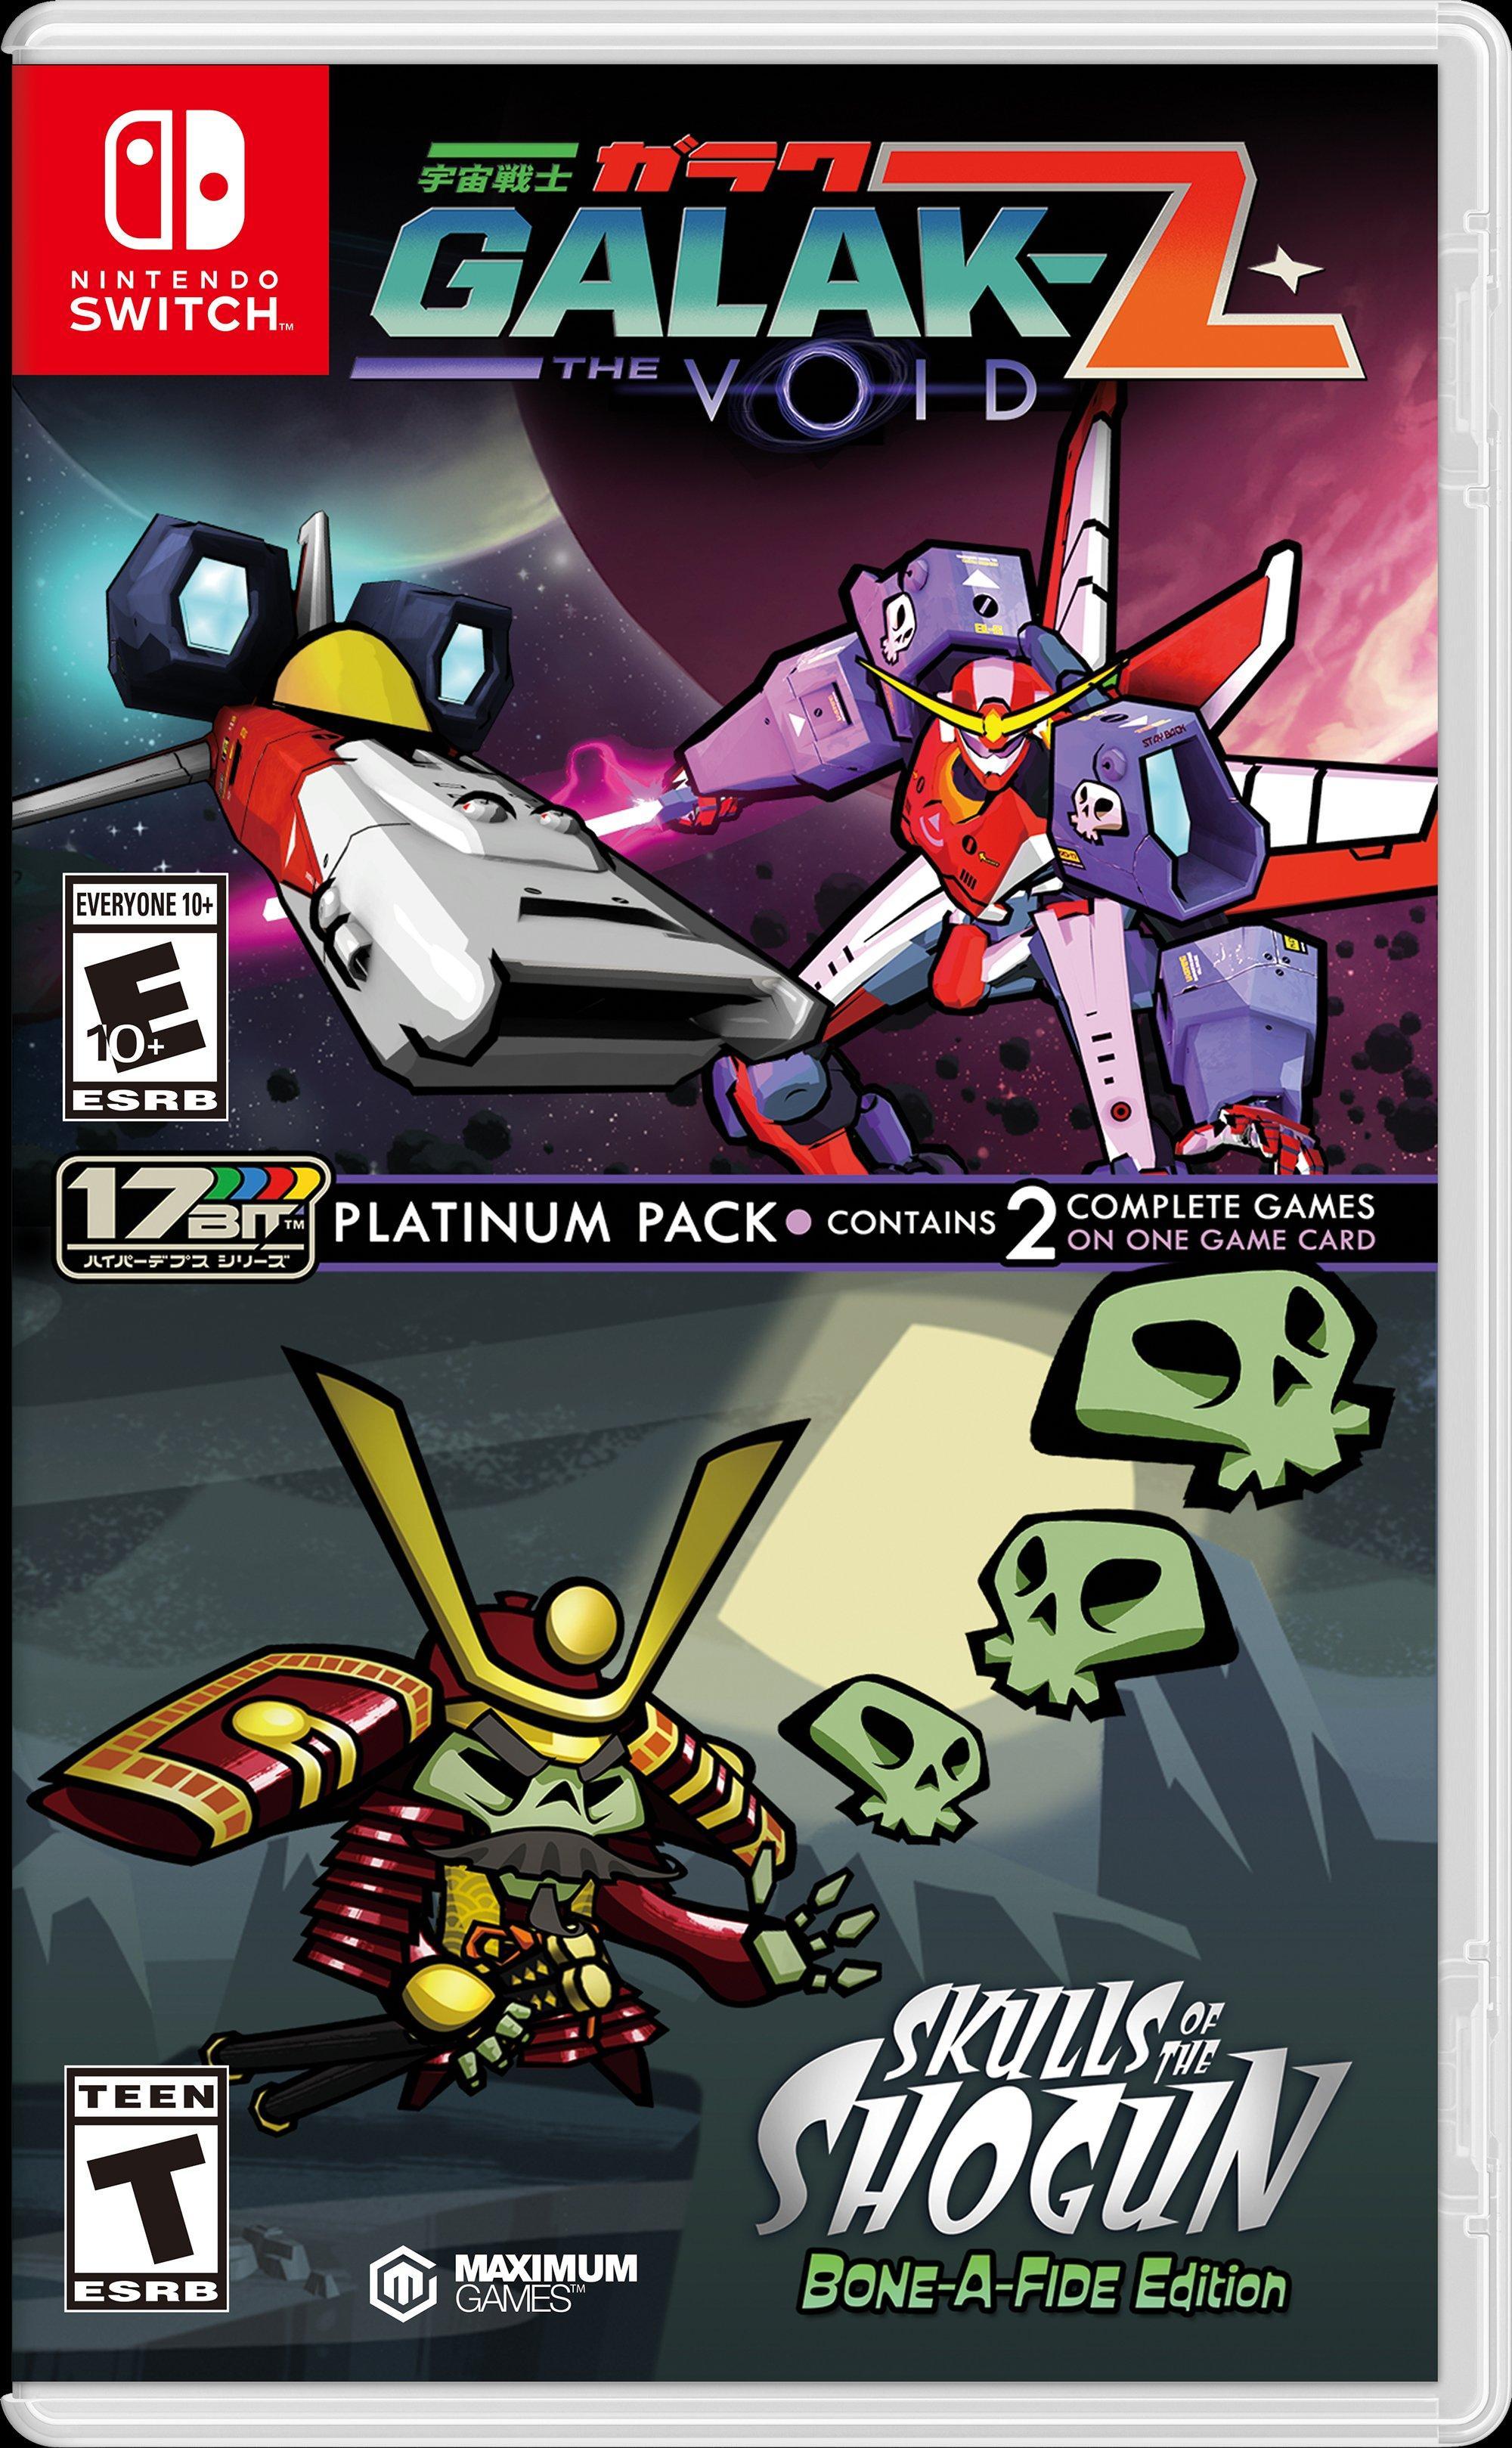 17 Bit Platinum Pack